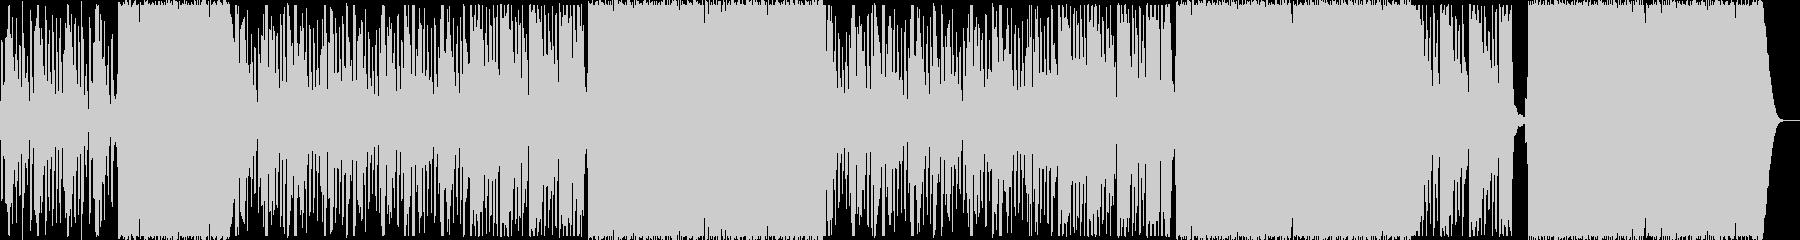 バイオリン/ヒップホップ/アラブ/#1の未再生の波形